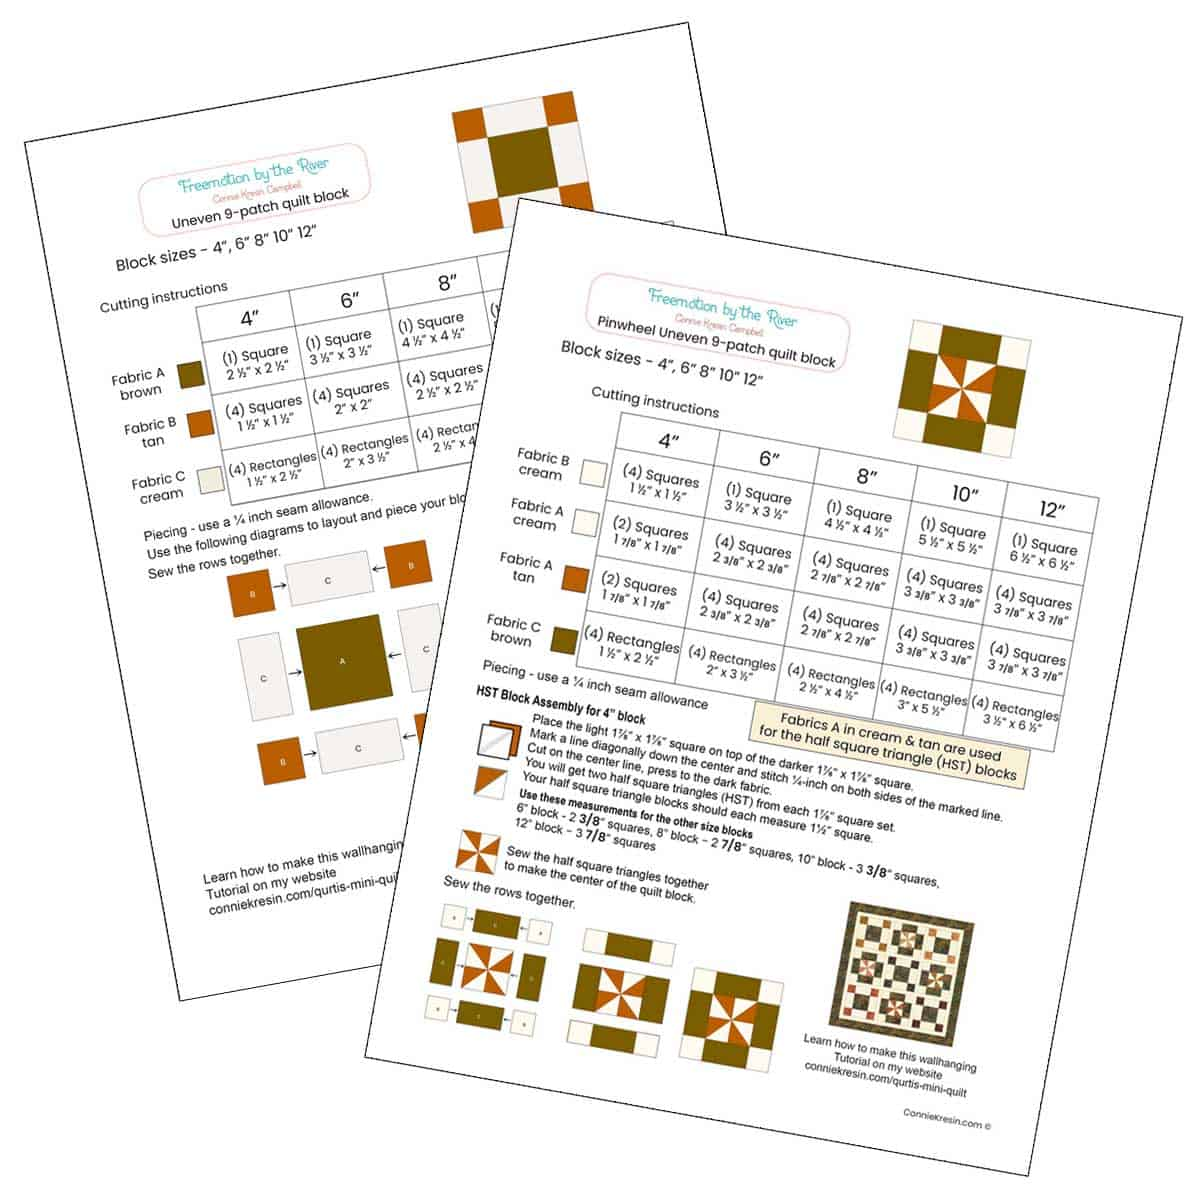 PDF of quilt blocks